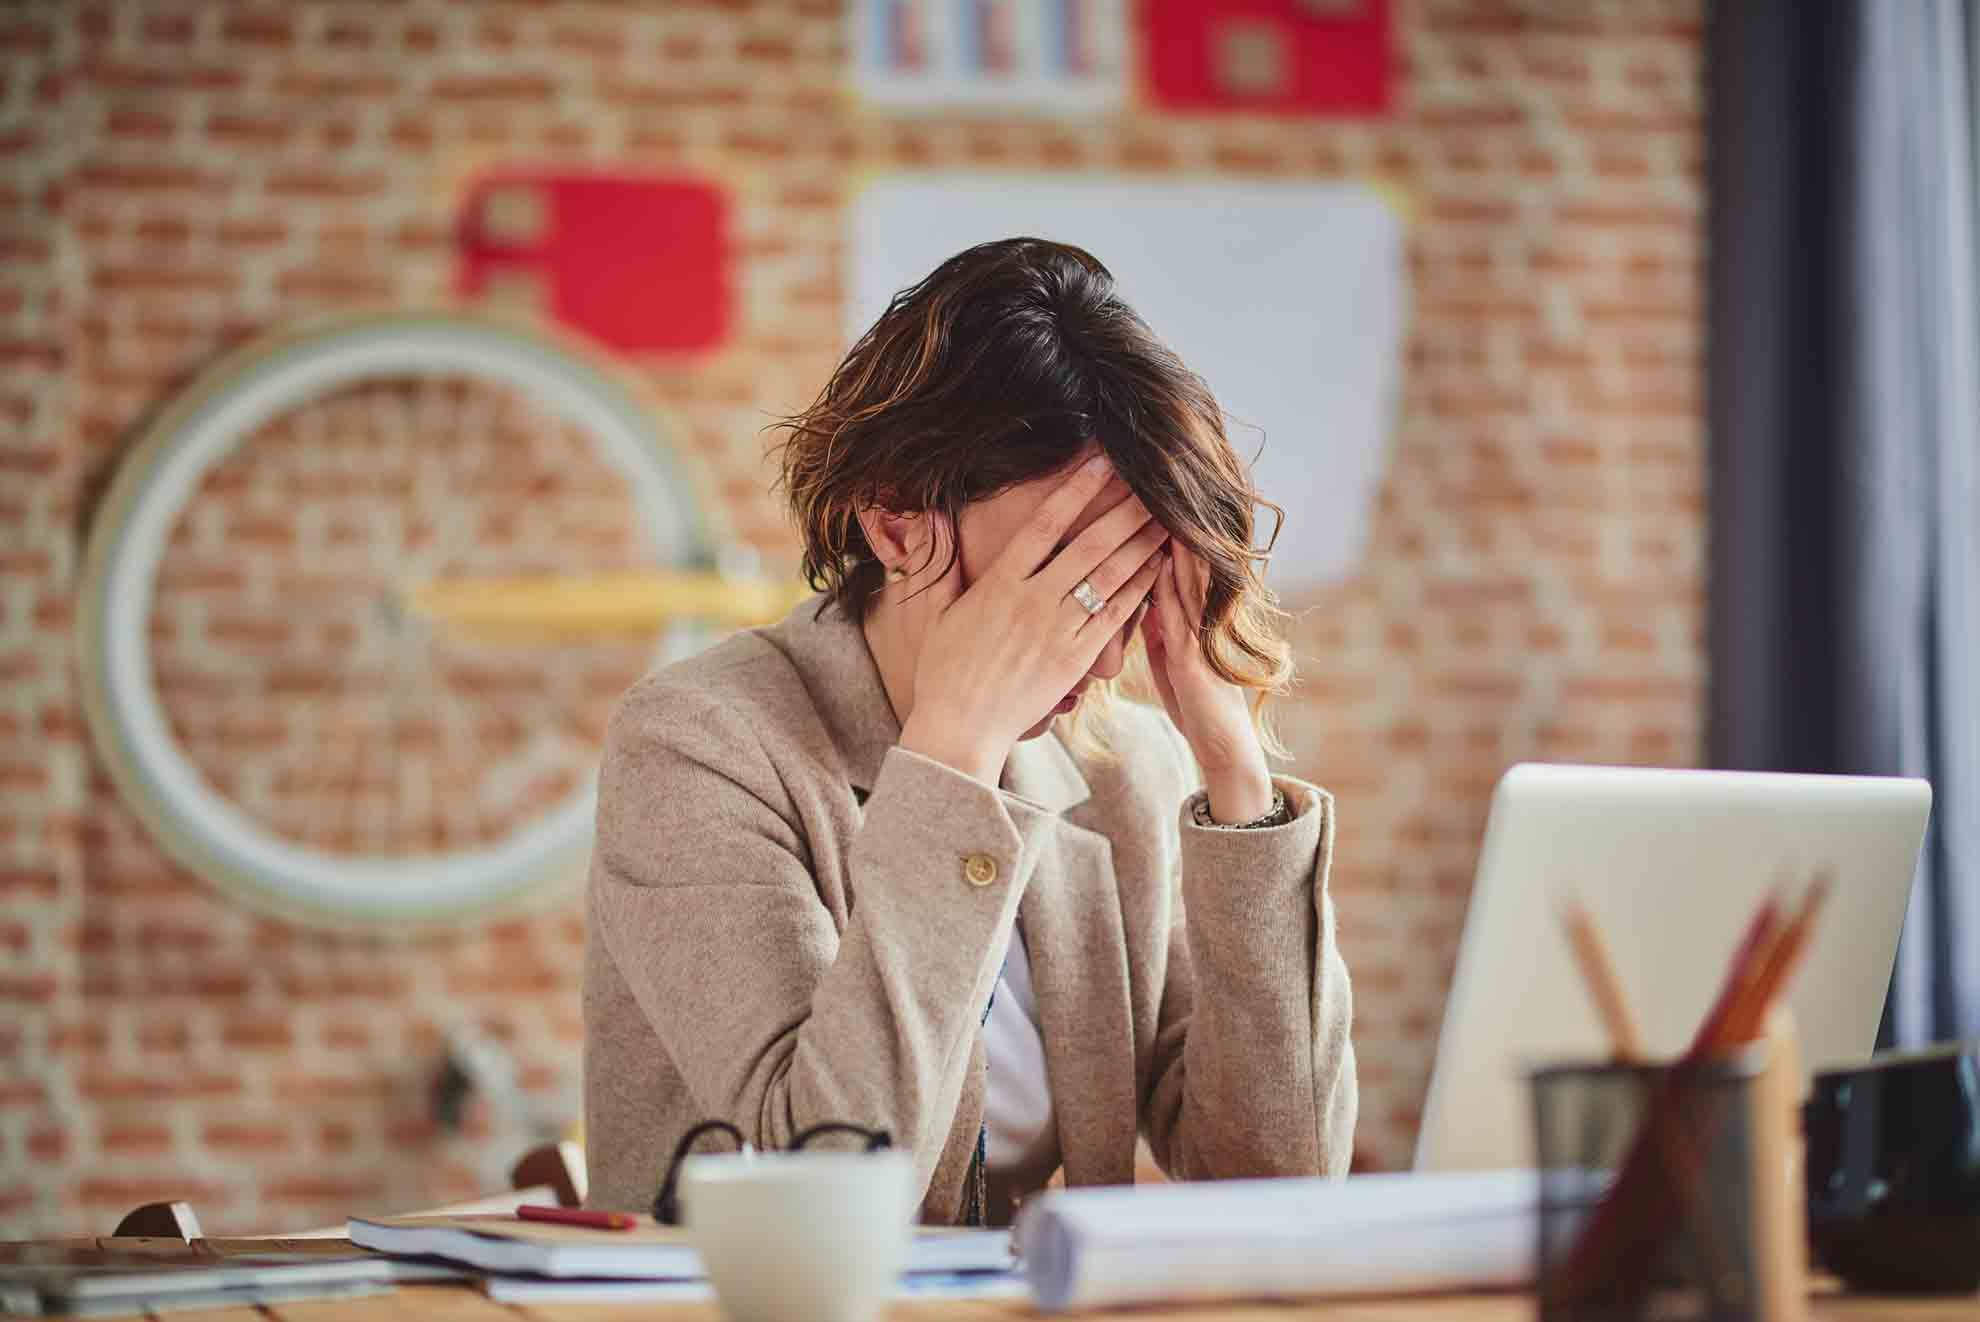 Unser Gehirn reagiert auf diese Entzündungen und das Fehlen des Glückshormons sehr rasch. Anfangs nur mit schlechter Laune und STIMMUNGSSCHWANKUNGEN, später mit Konzentrationsschwäche, nervlicher Überlastung und schließlich dem totalen Burn-out.